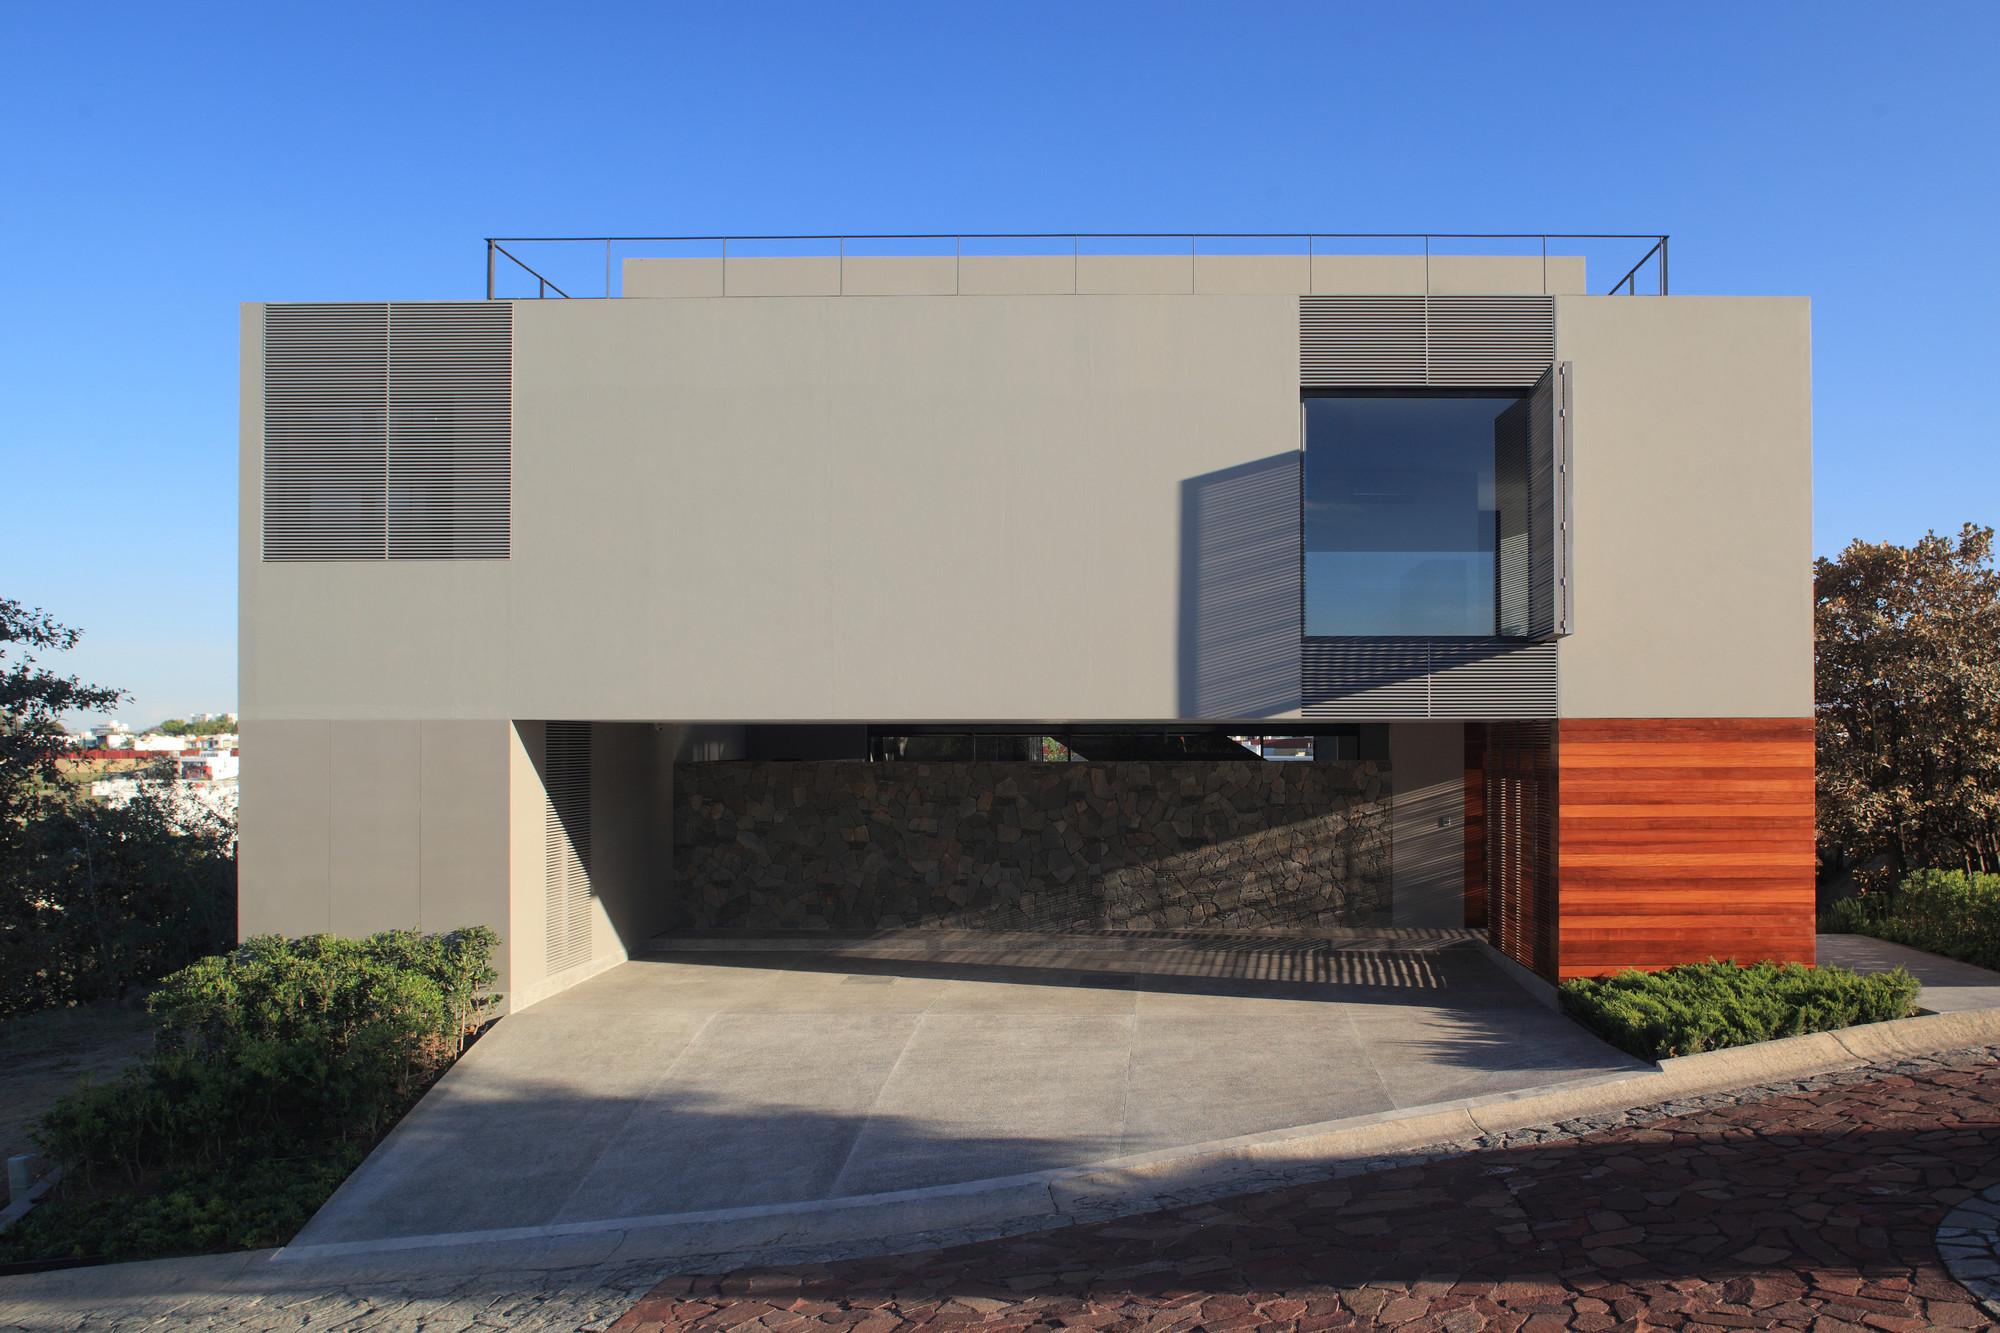 Casa IC / Alexanderson Arquitectos, © Carlos Díaz Corona